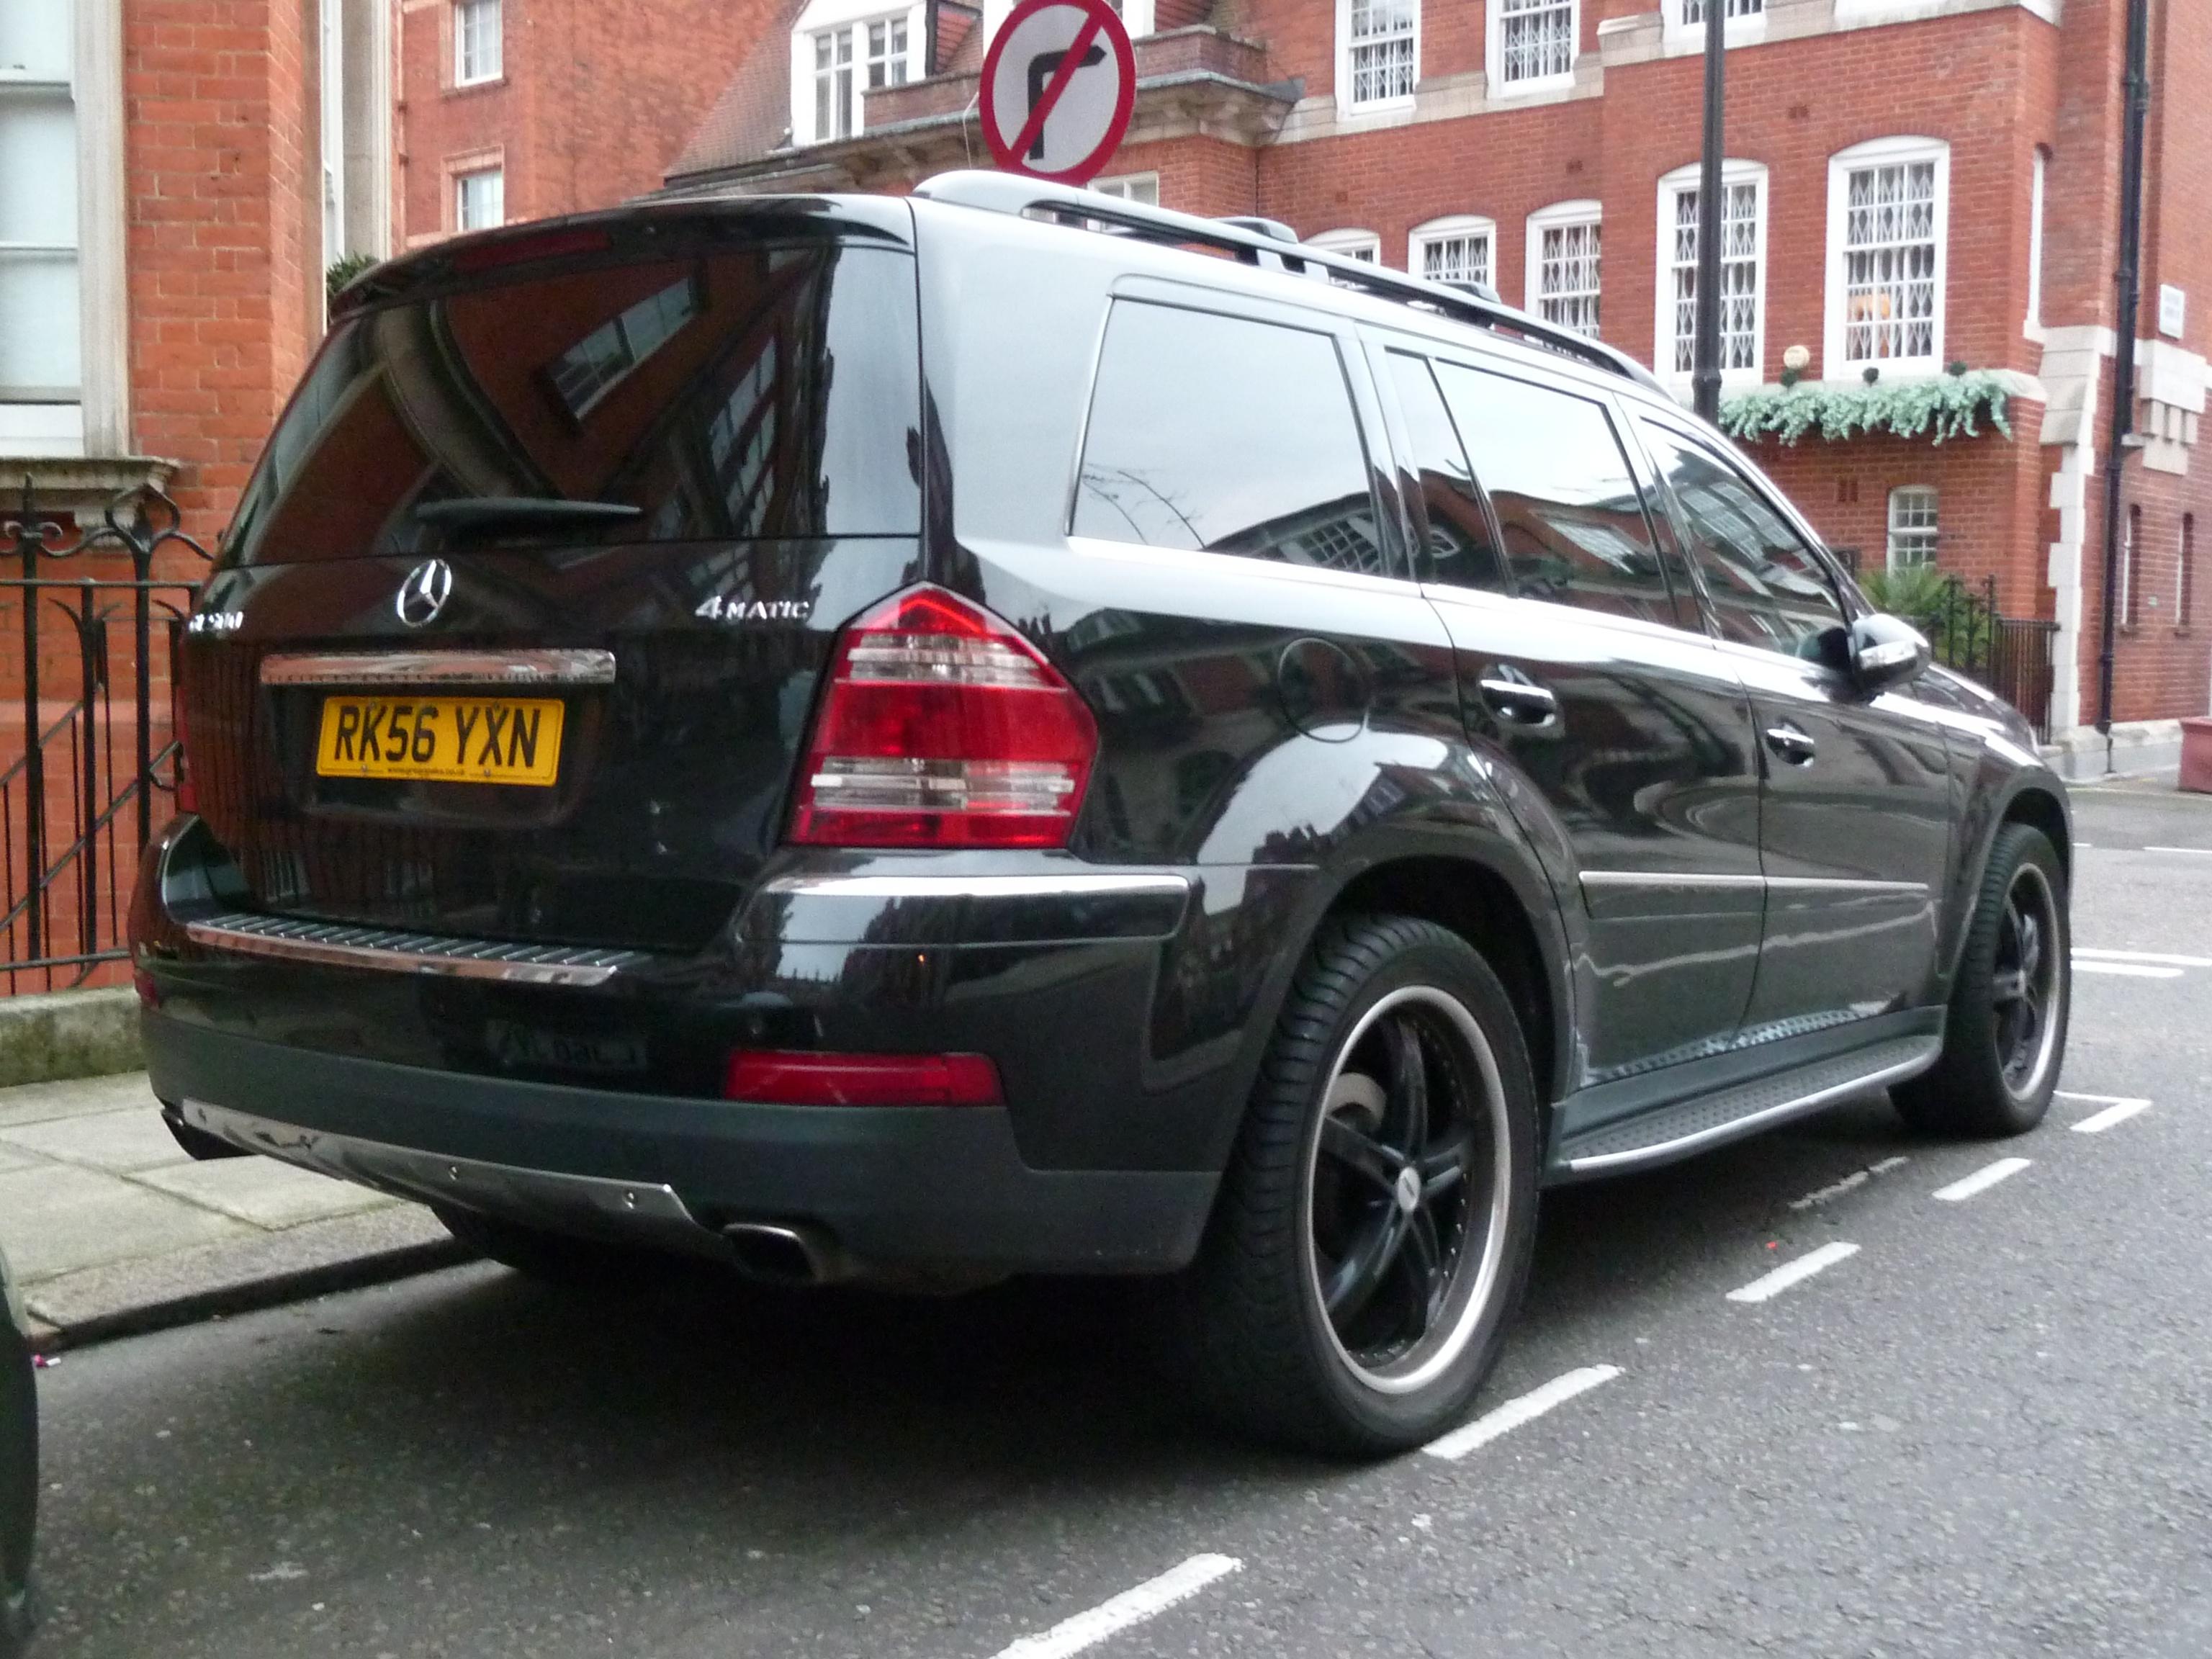 File 2011 black mercedes benz x164 gl 500 4matic in london for Mercedes benz gl 500 4matic 2010